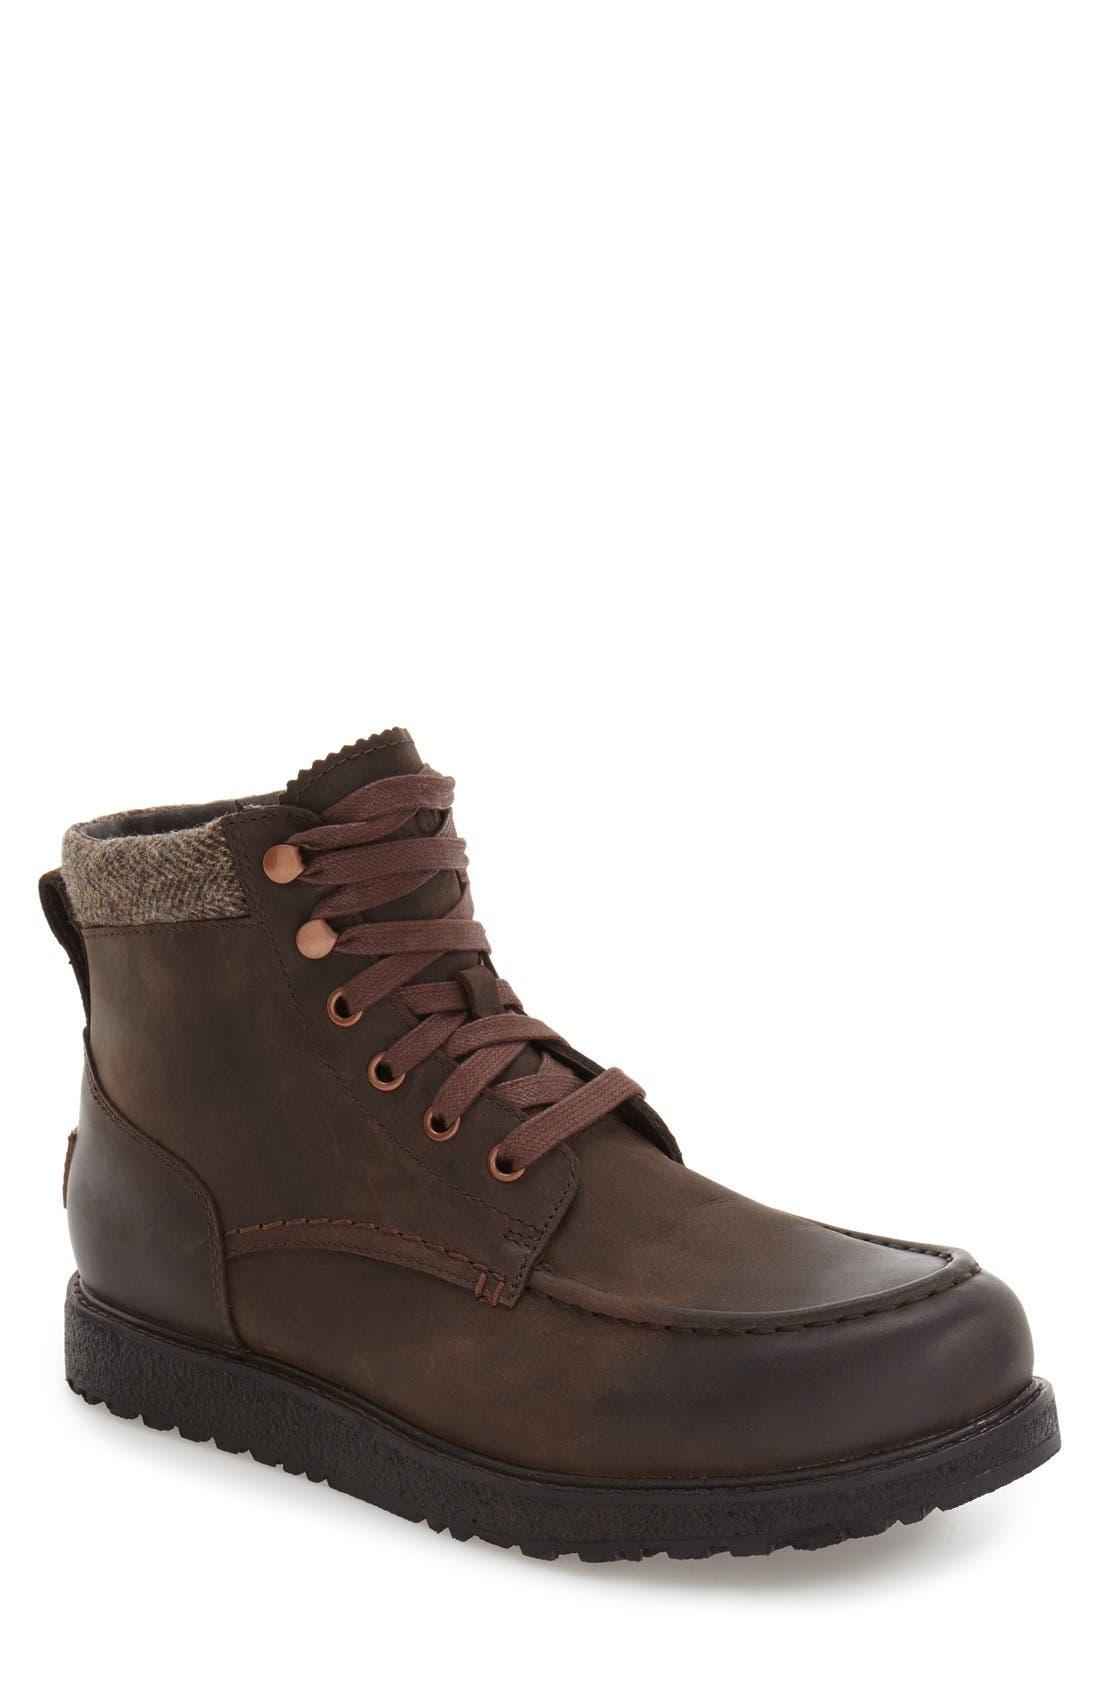 Main Image - UGG® Merrick Moc Toe Boot (Men)